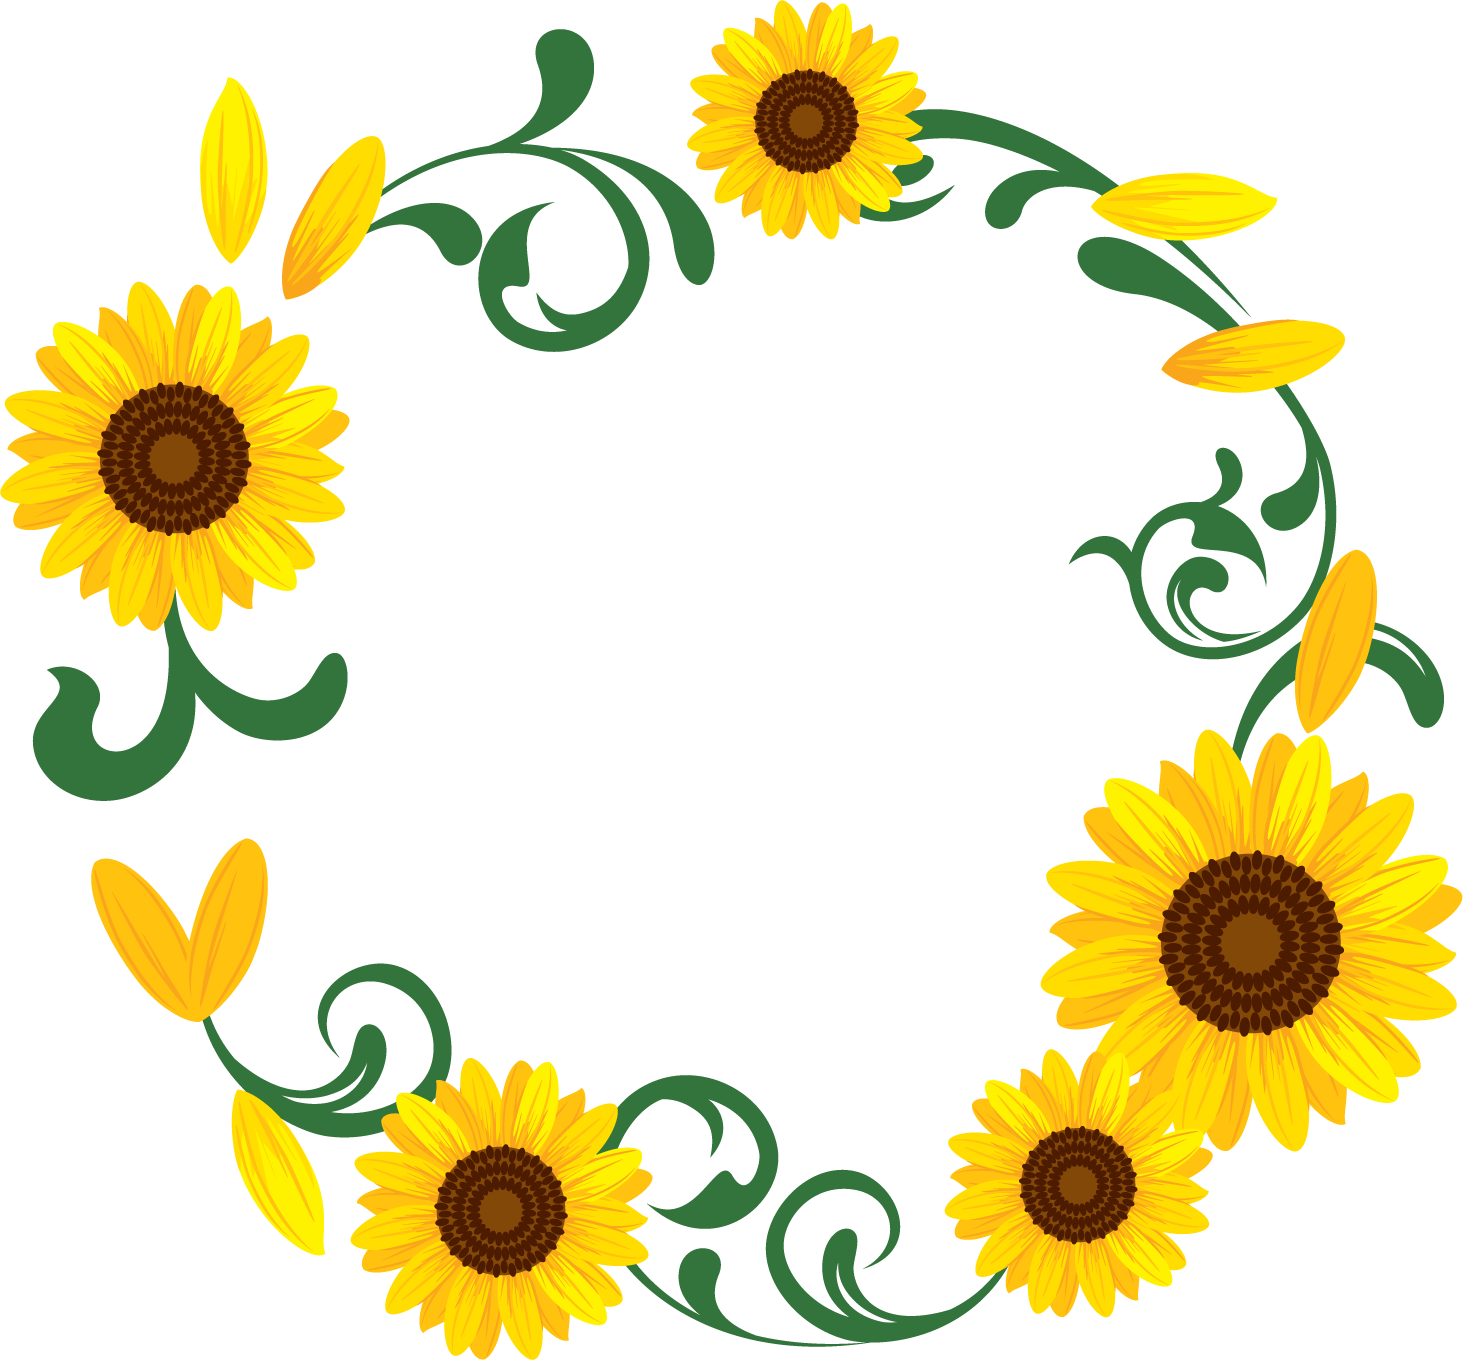 花のイラスト・フリー素材/フレーム枠no.101『ひまわり・茎・つぼみ』